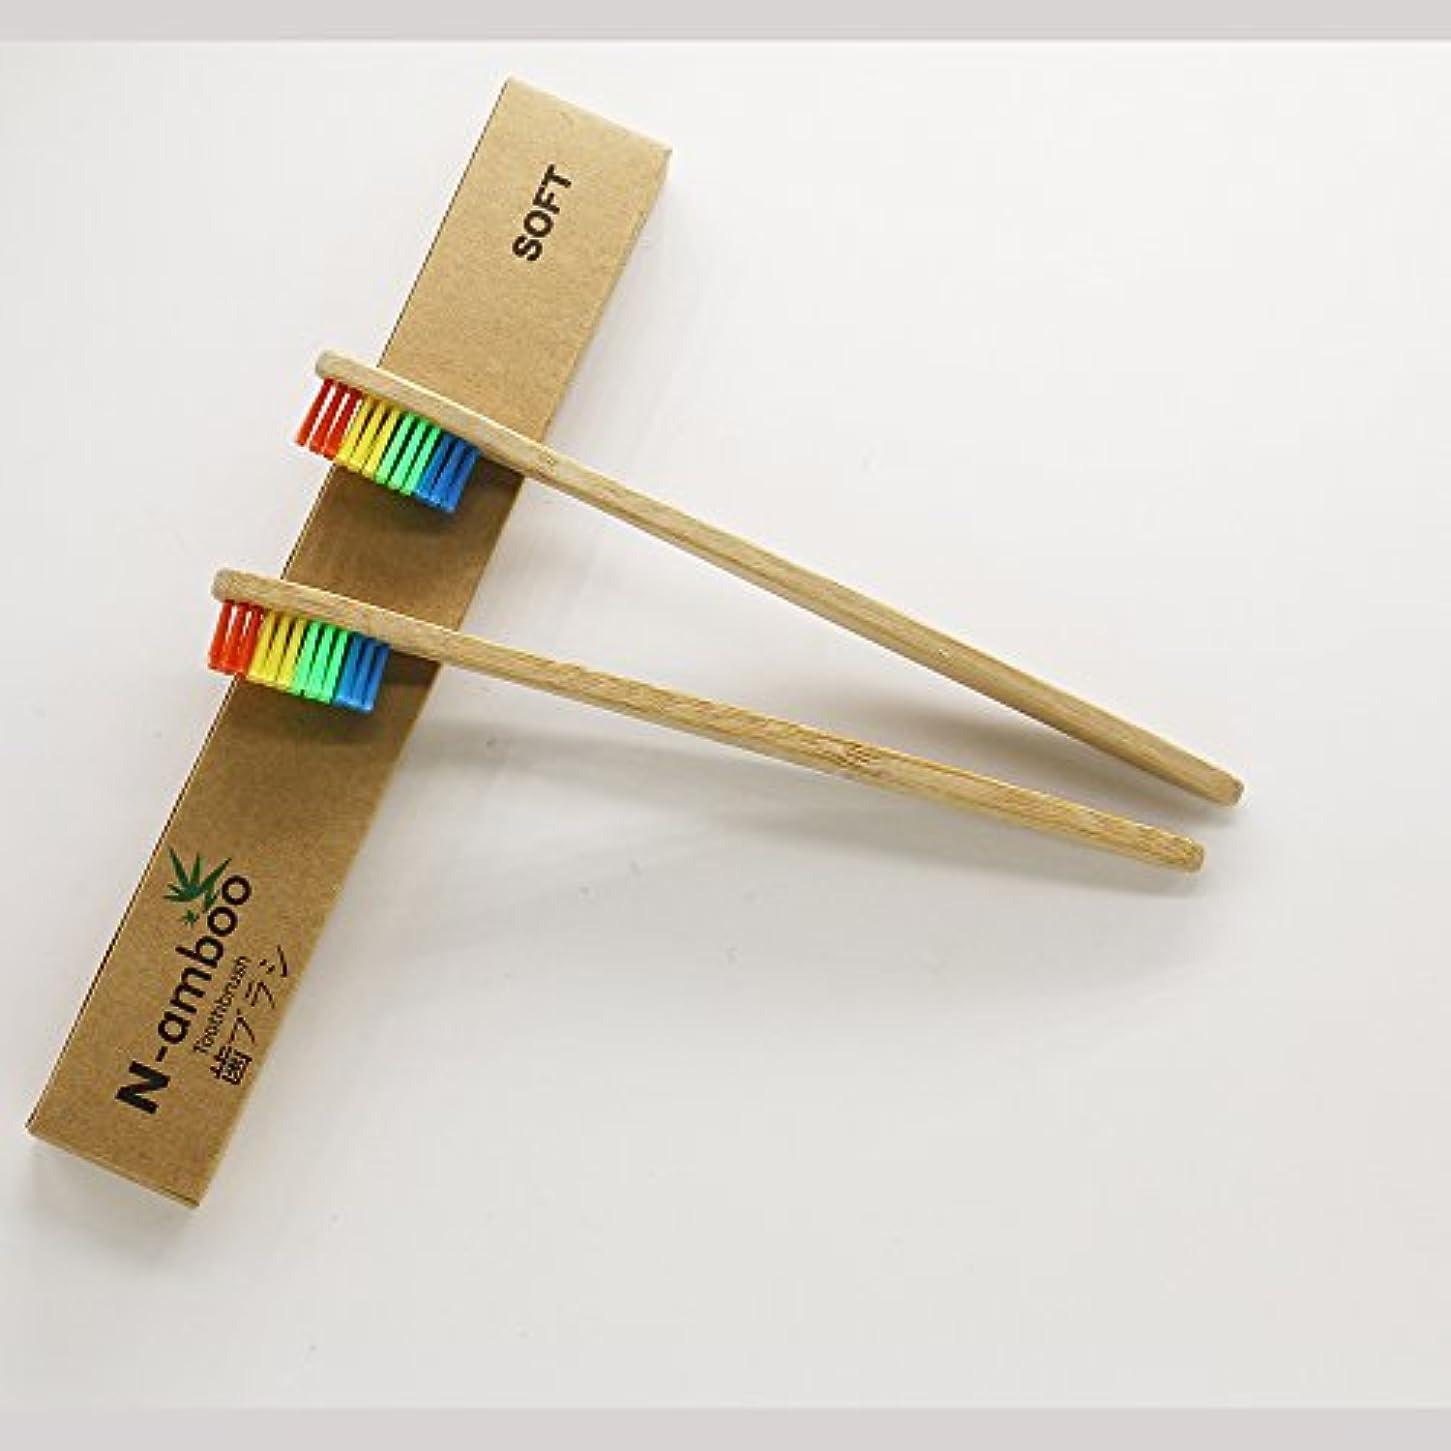 頭痛うぬぼれペグN-amboo 竹製 耐久度高い 歯ブラシ 四色 虹(にじ) 2本入り セット